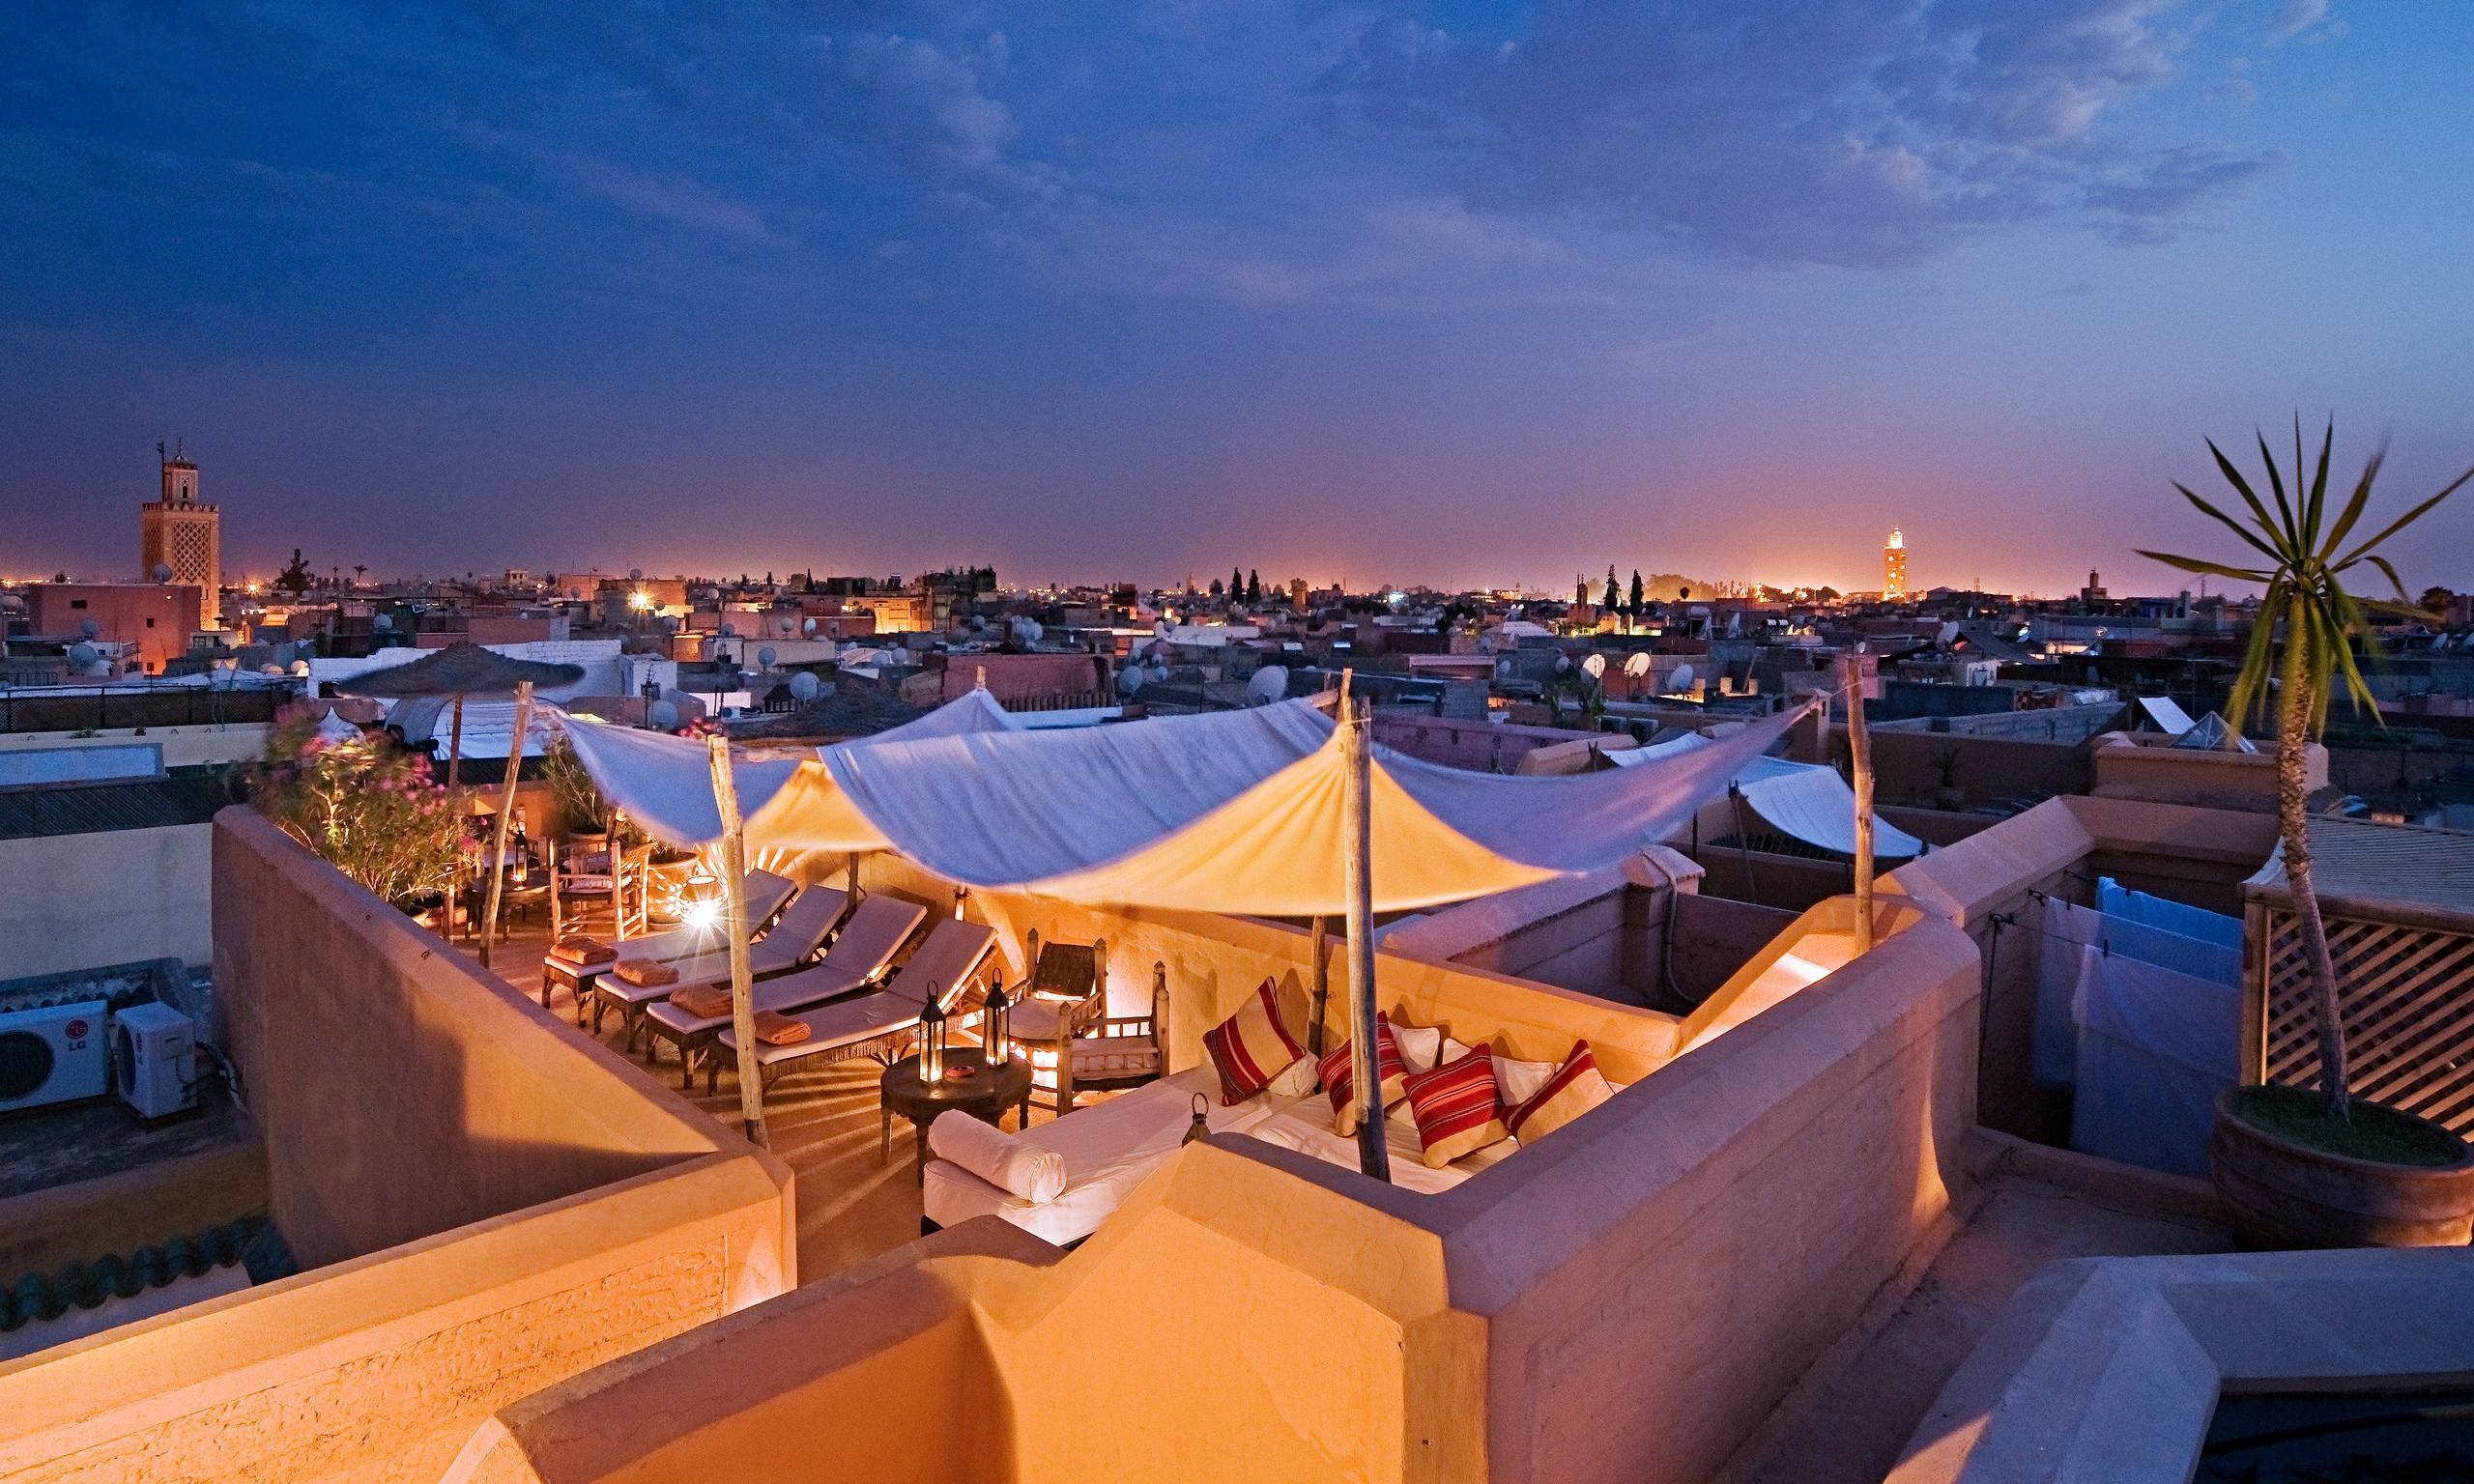 vacances au maroc Colonie de vacances au Maroc